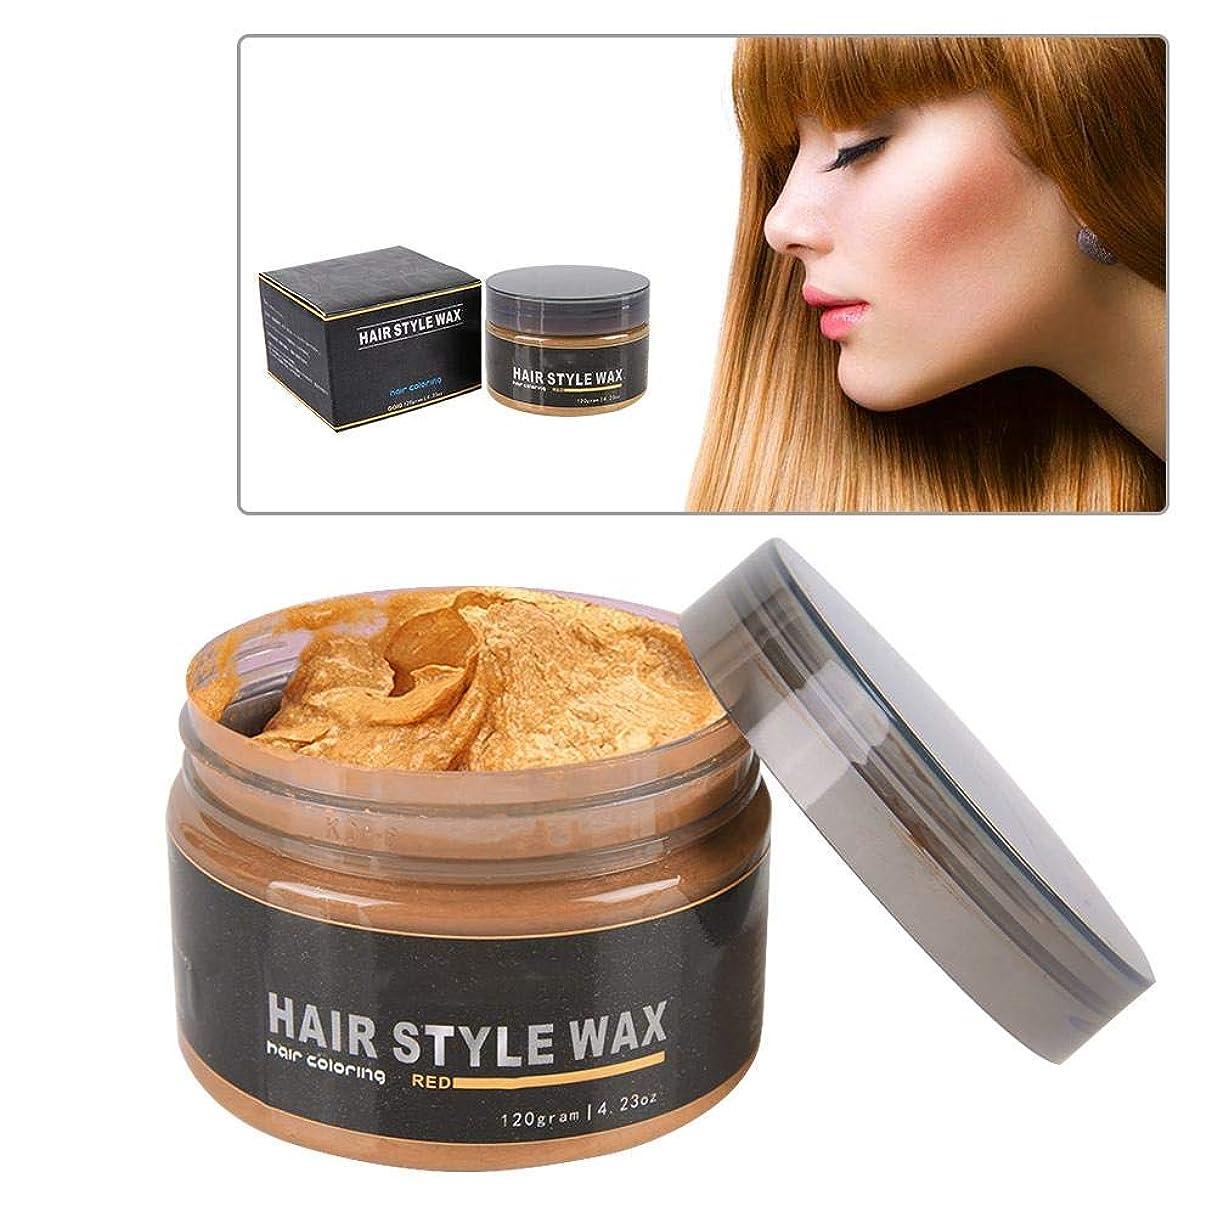 失業固有のジェームズダイソン使い捨ての新しいヘアカラーワックス、染毛剤の着色泥のヘアスタイルモデリングクリーム120グラム(ゴールド)